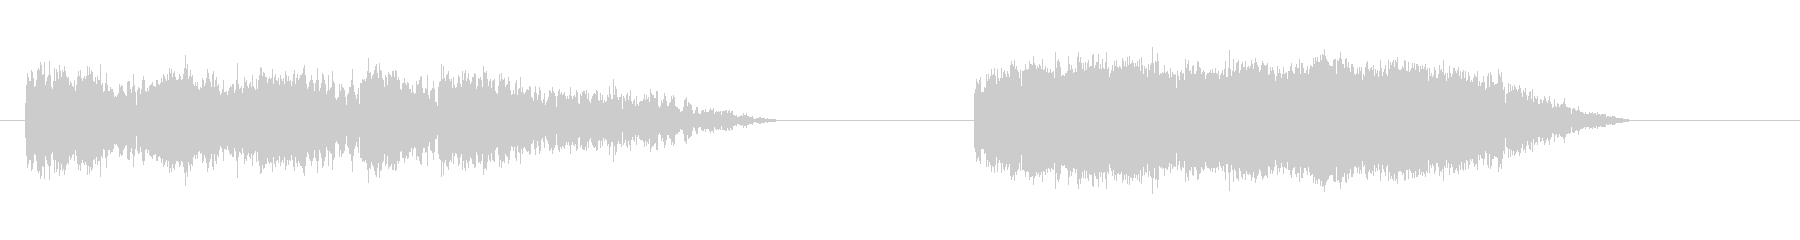 加工アークによるエネルギーボルトの...の未再生の波形